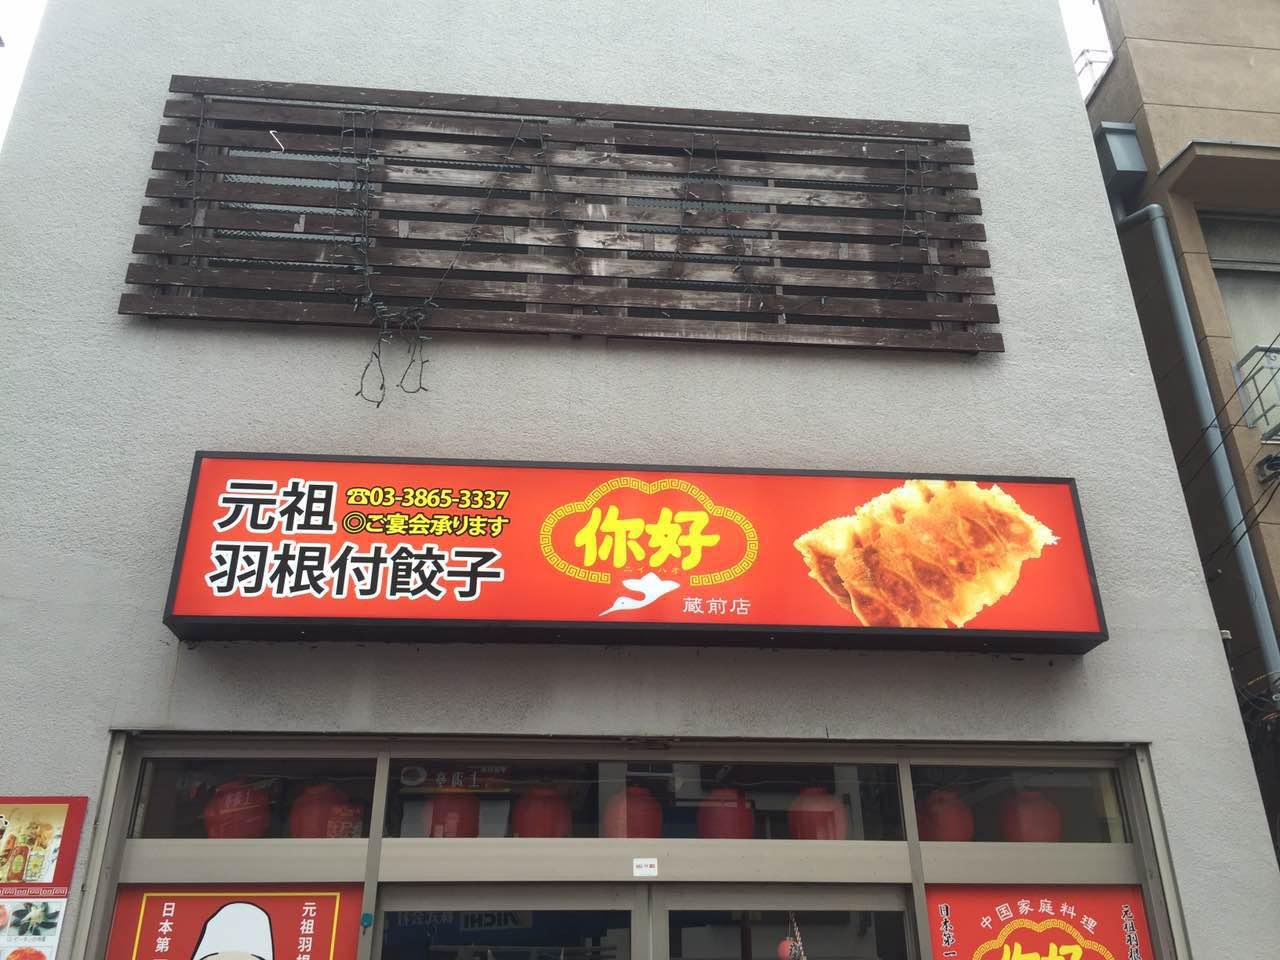 中華餃子屋